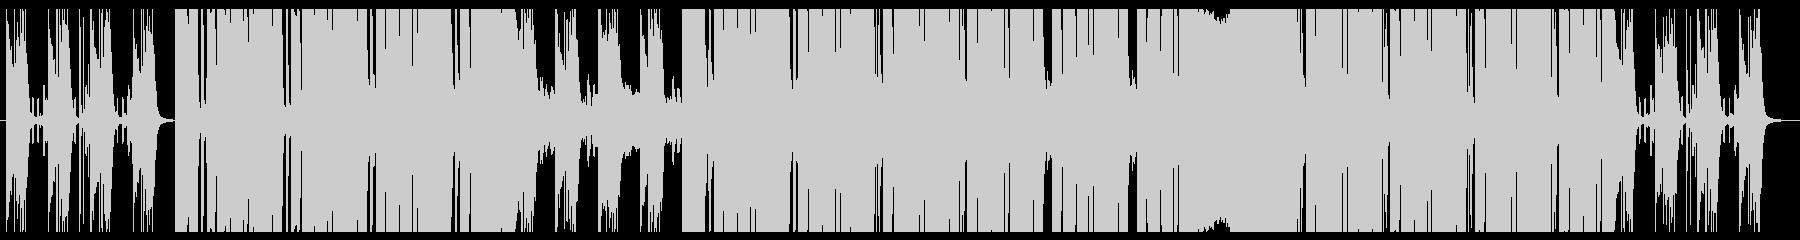 さわやかな朝に似合うポップEDMの未再生の波形